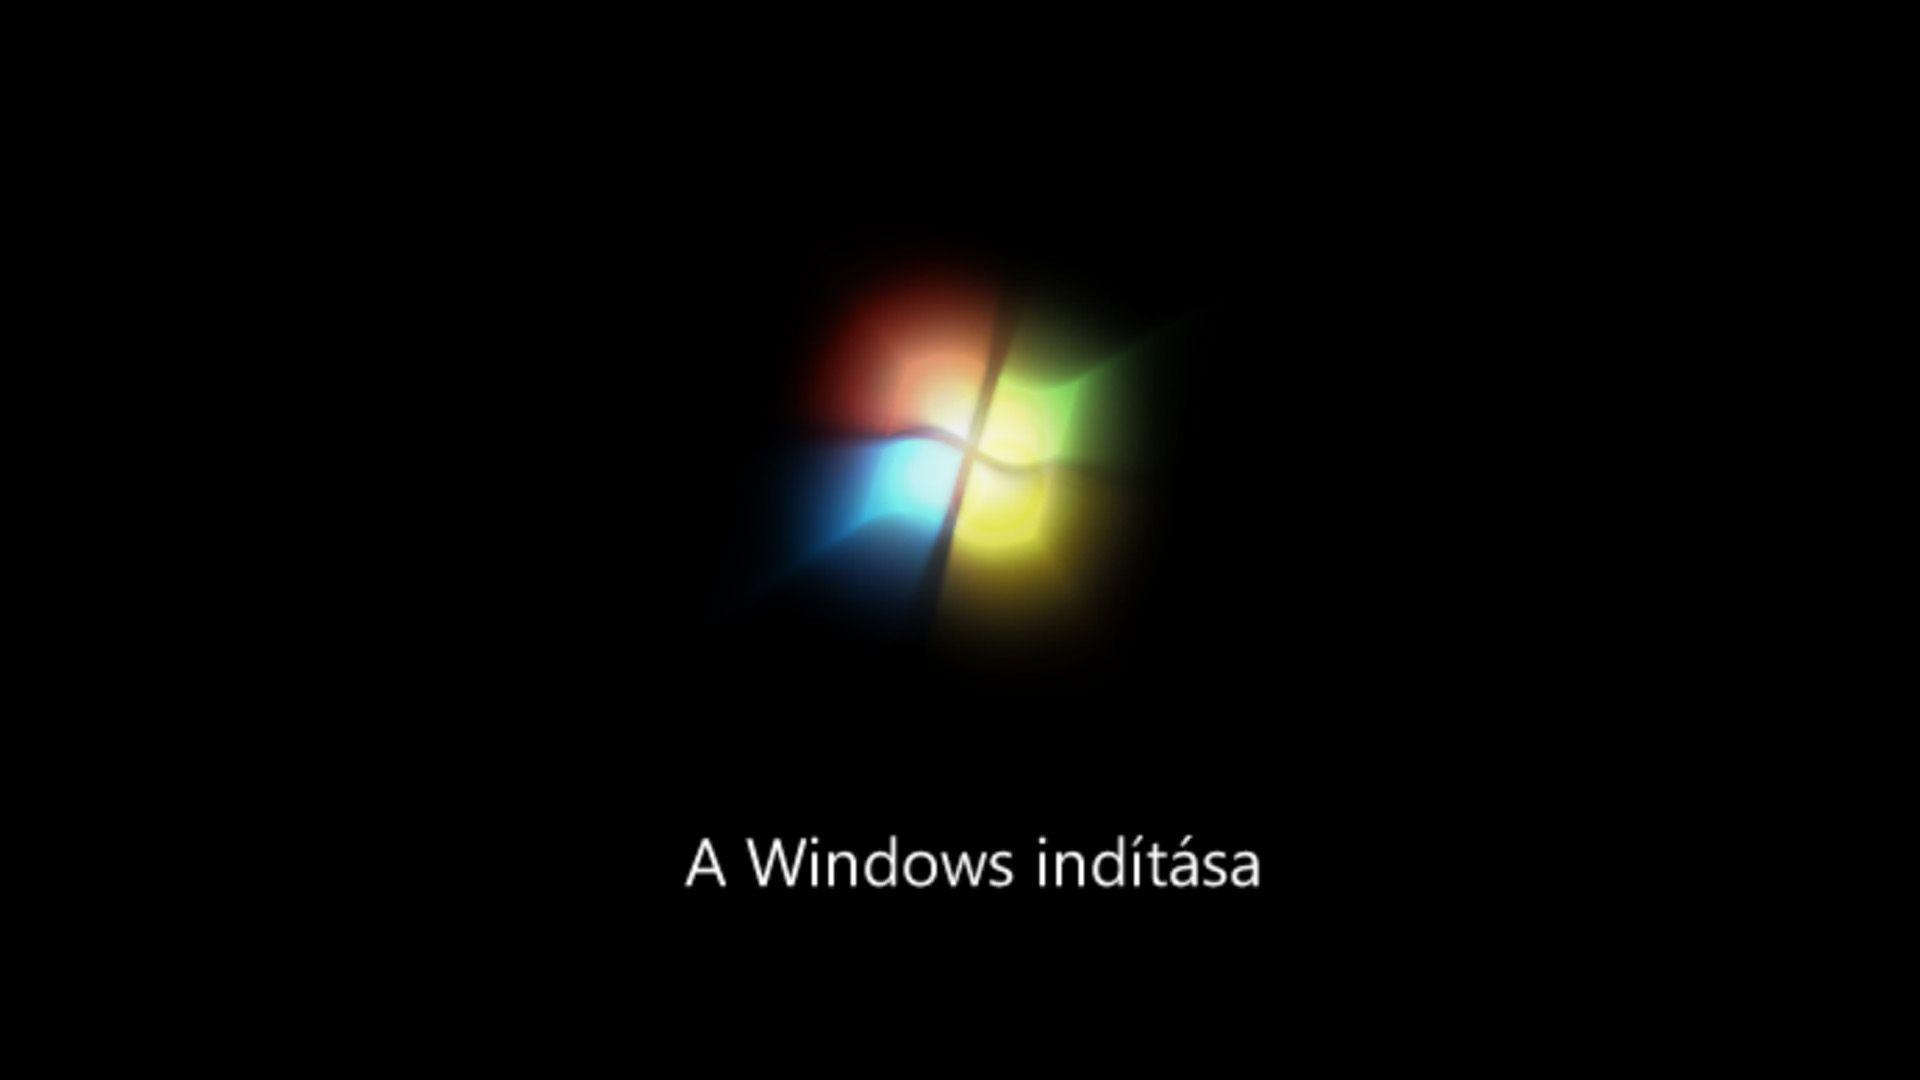 Windows rendszer indítása